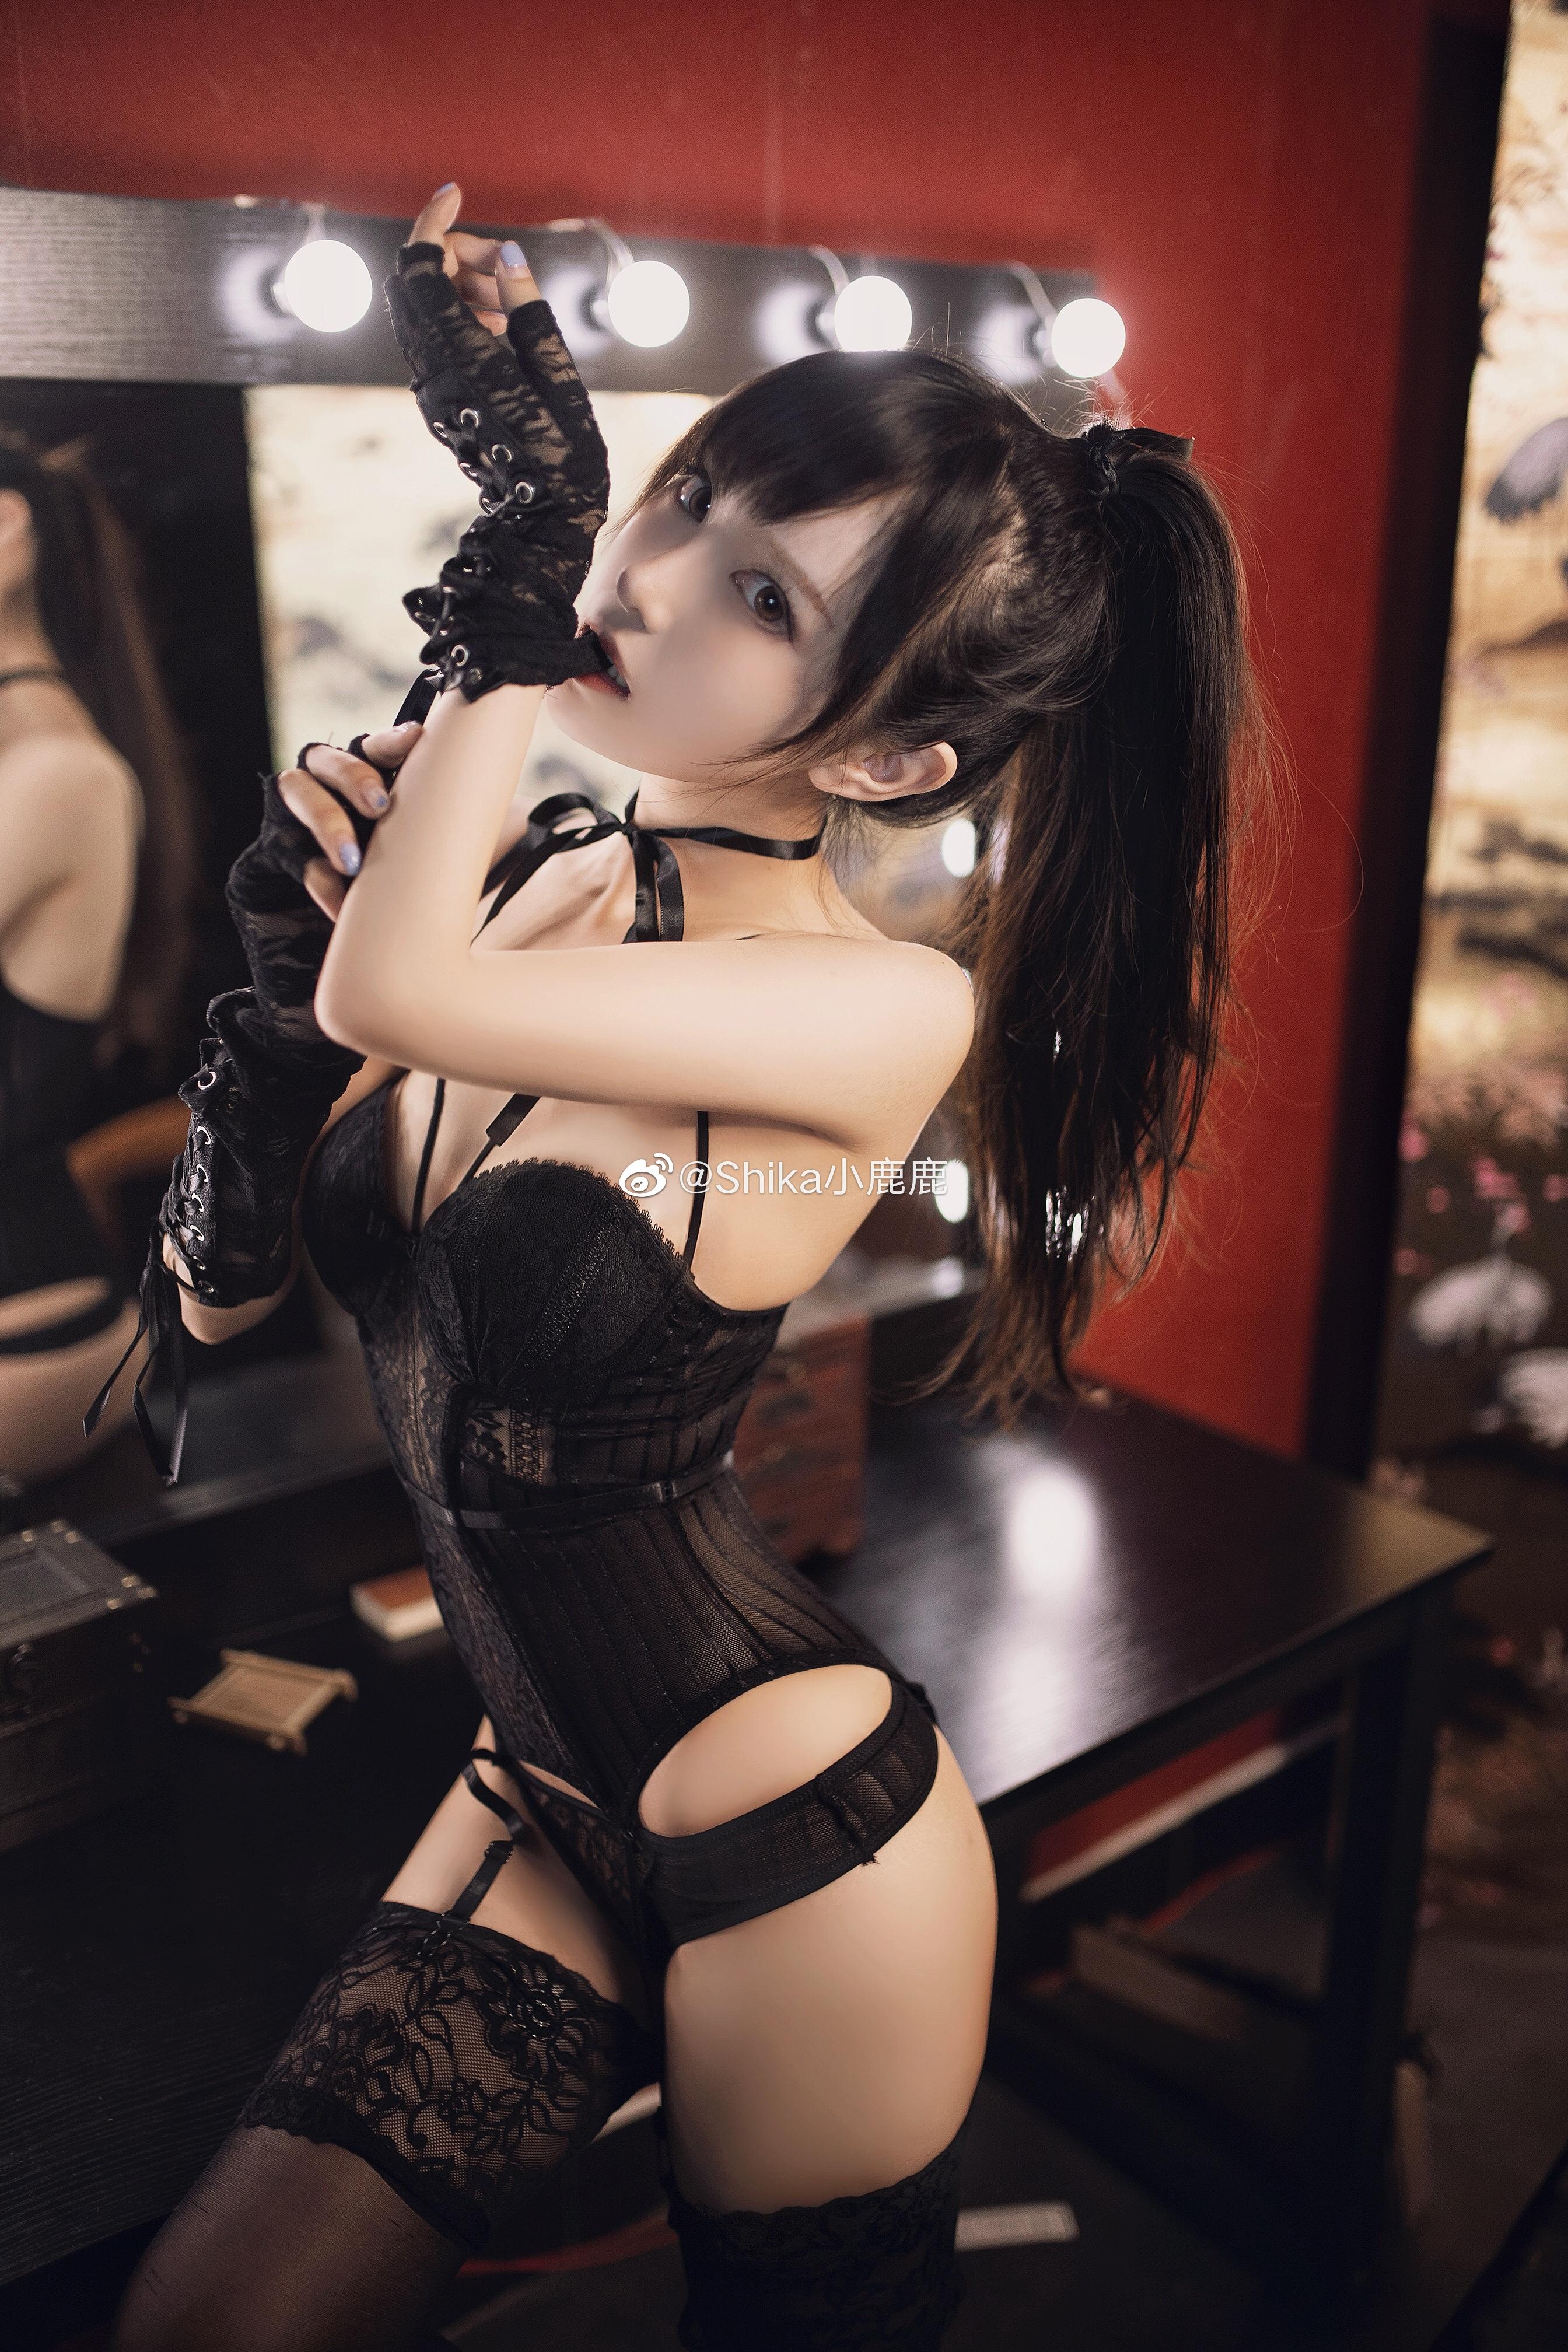 妹子微博:@Shika小鹿鹿,圖片出自她的實體寫真集《妄想天國》